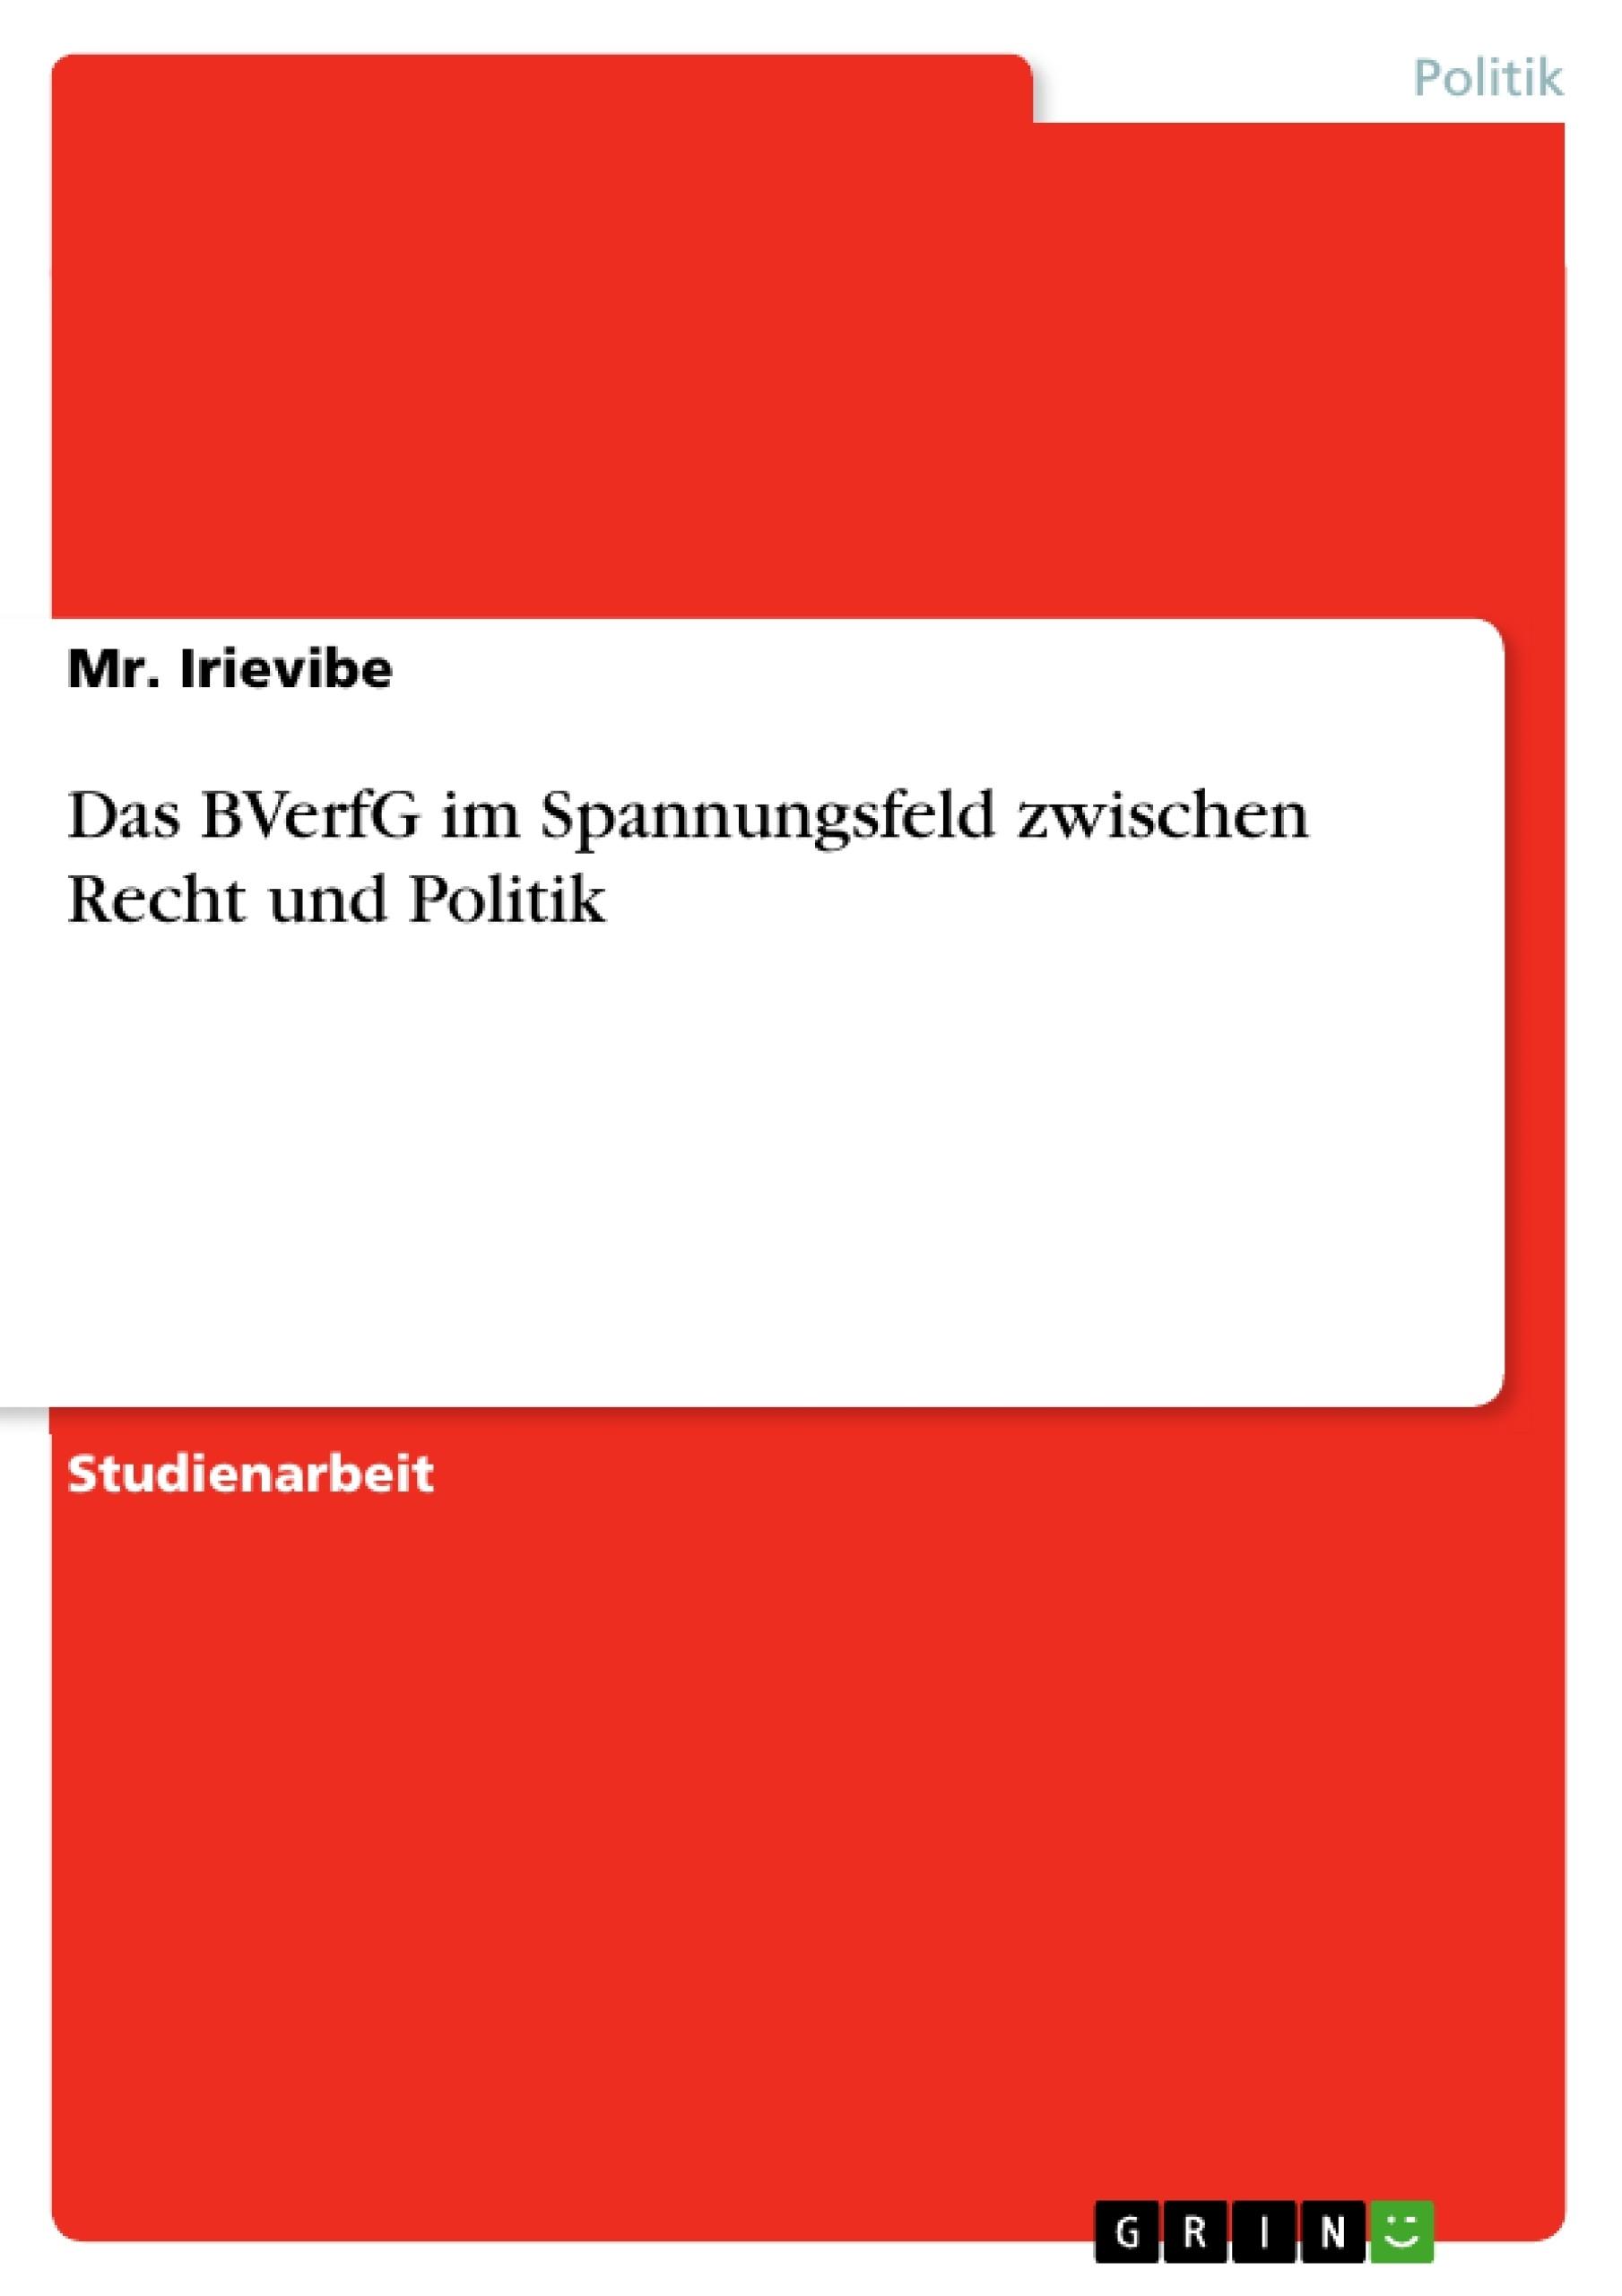 Titel: Das BVerfG im Spannungsfeld zwischen Recht und Politik